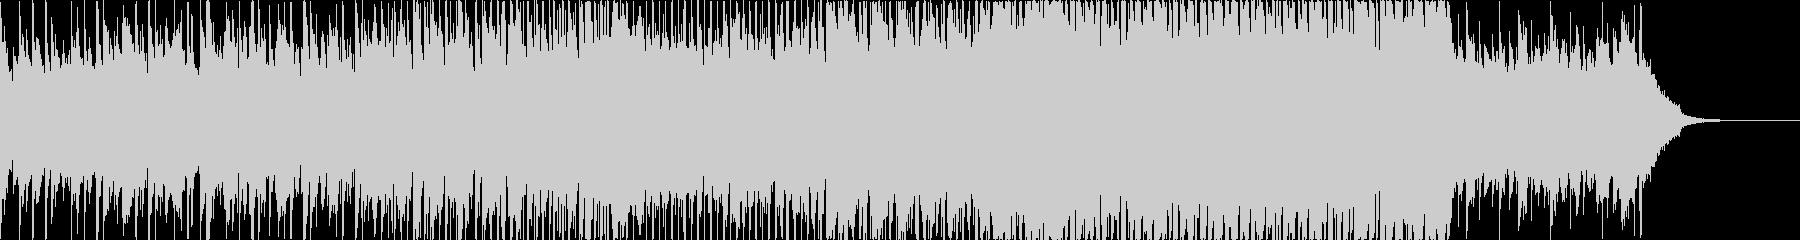 爽やかなアコギbeatBGMの未再生の波形